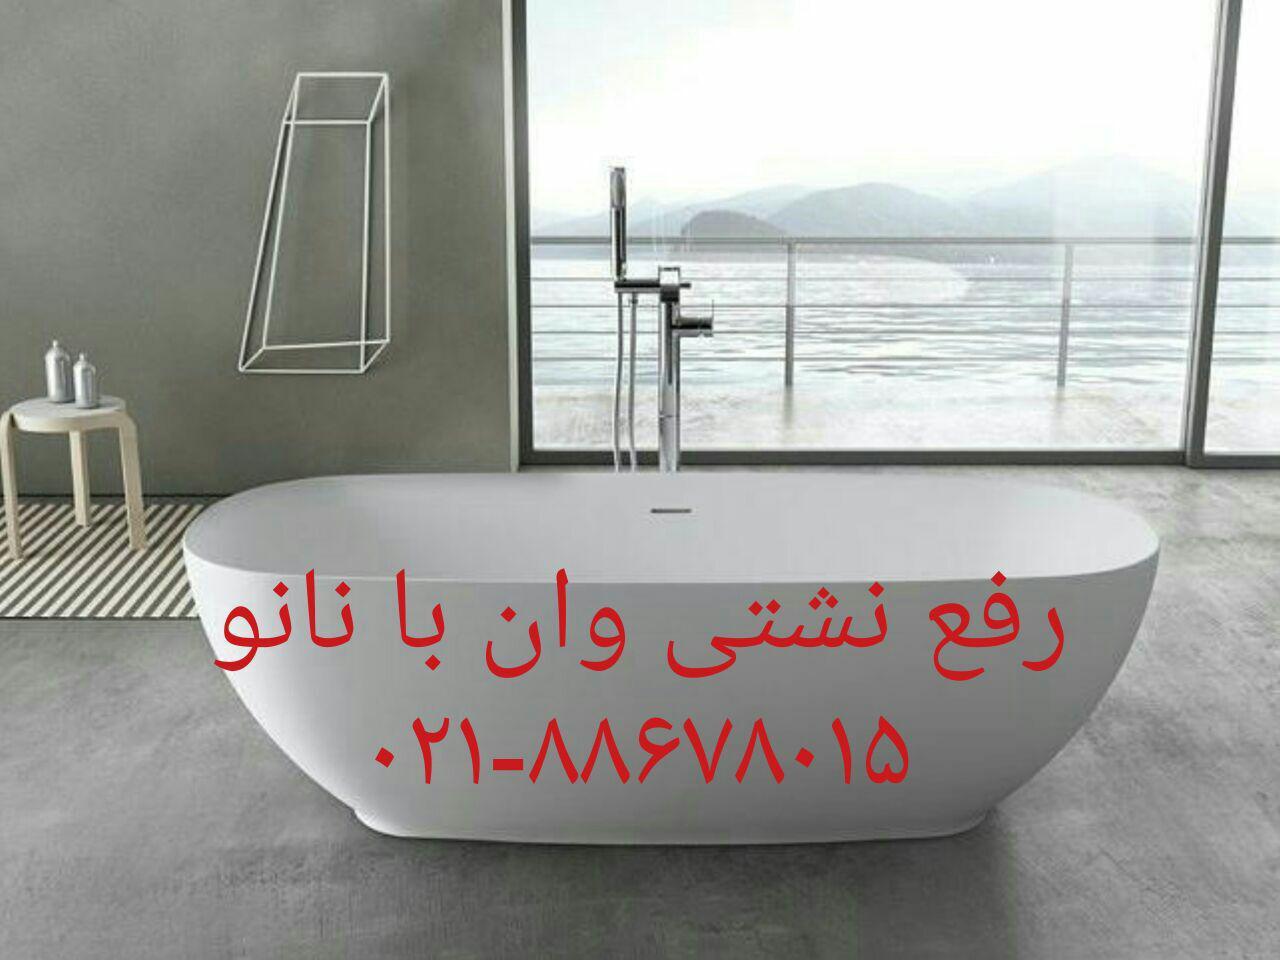 نصاب وان جکوزی-نصاب کابین دوش88042174